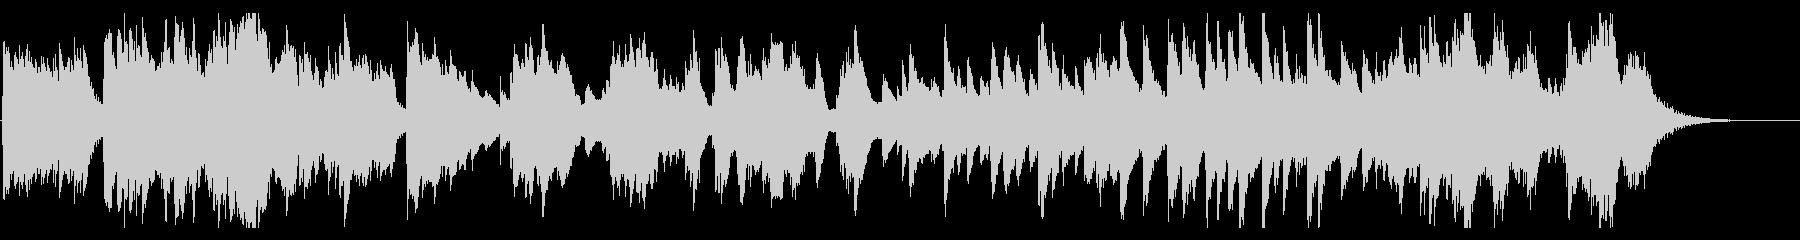 せつない、かなしい雰囲気のハープの曲の未再生の波形